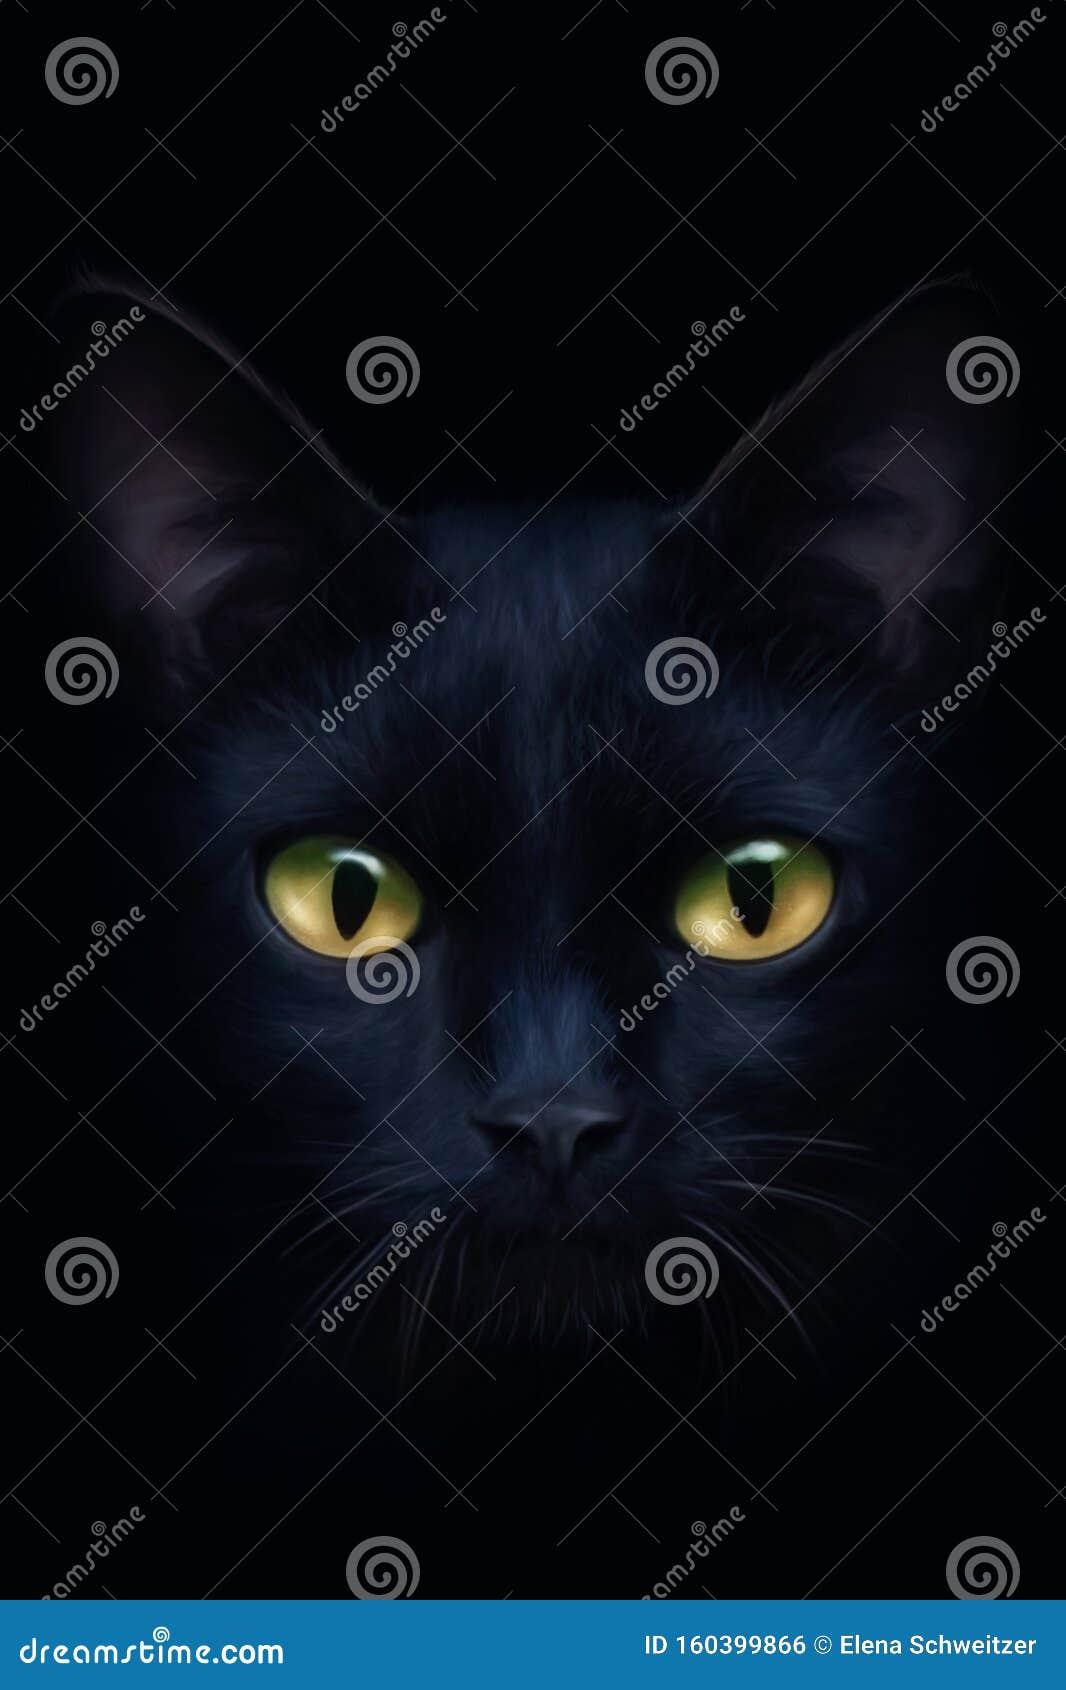 Portrait of a black cat